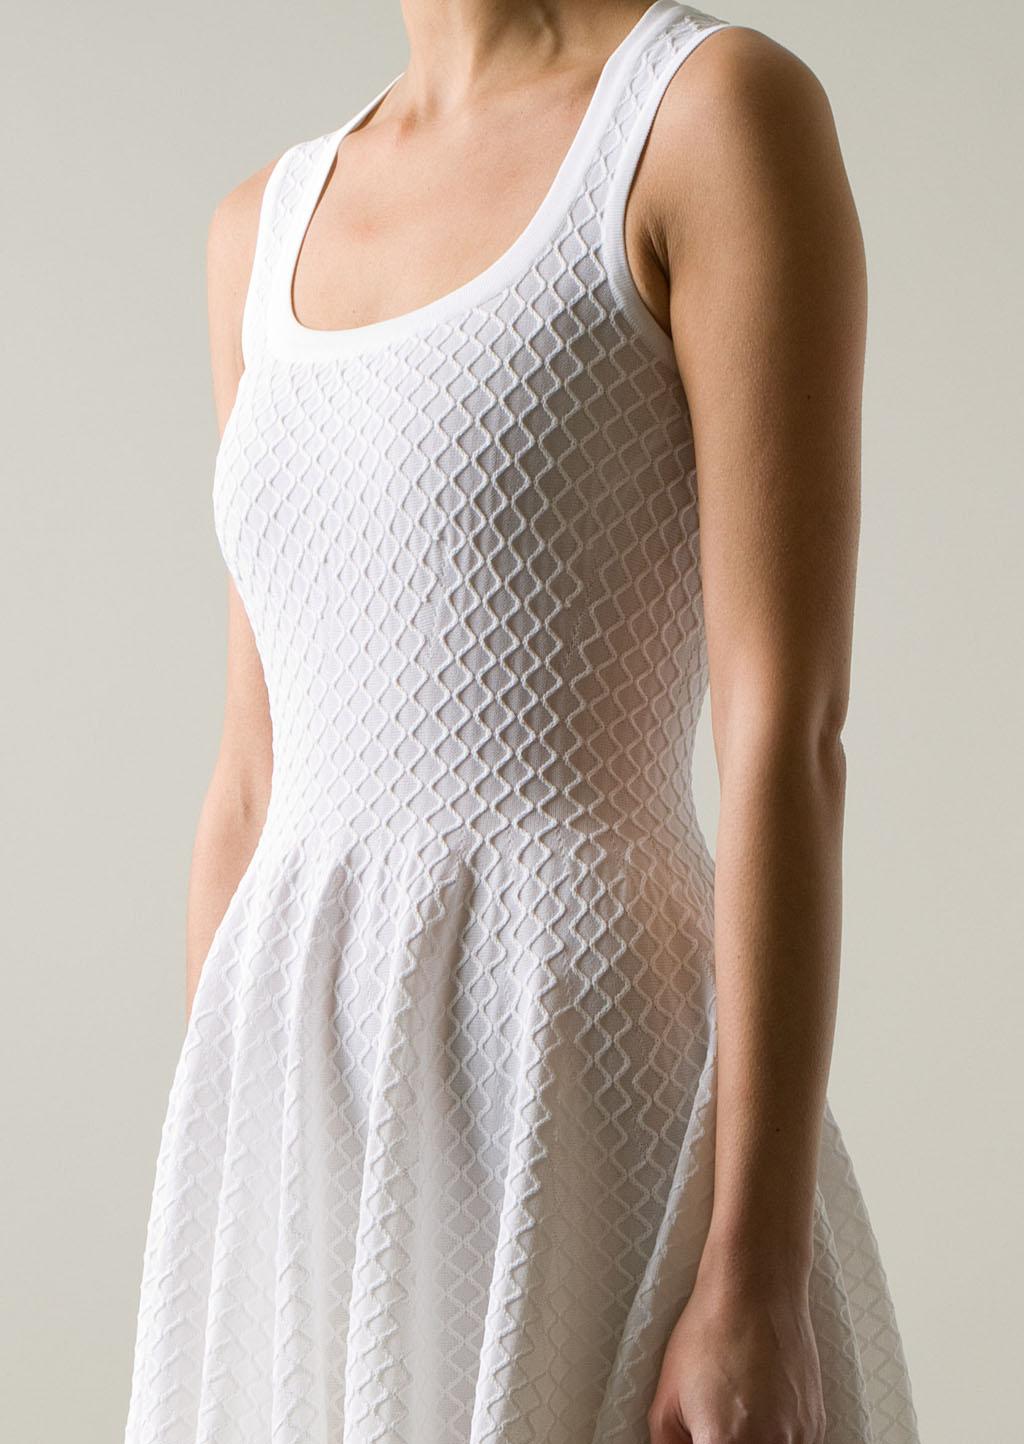 Alaïa Azzédine Alaïa White Stretch Knitwear Dress in White ...